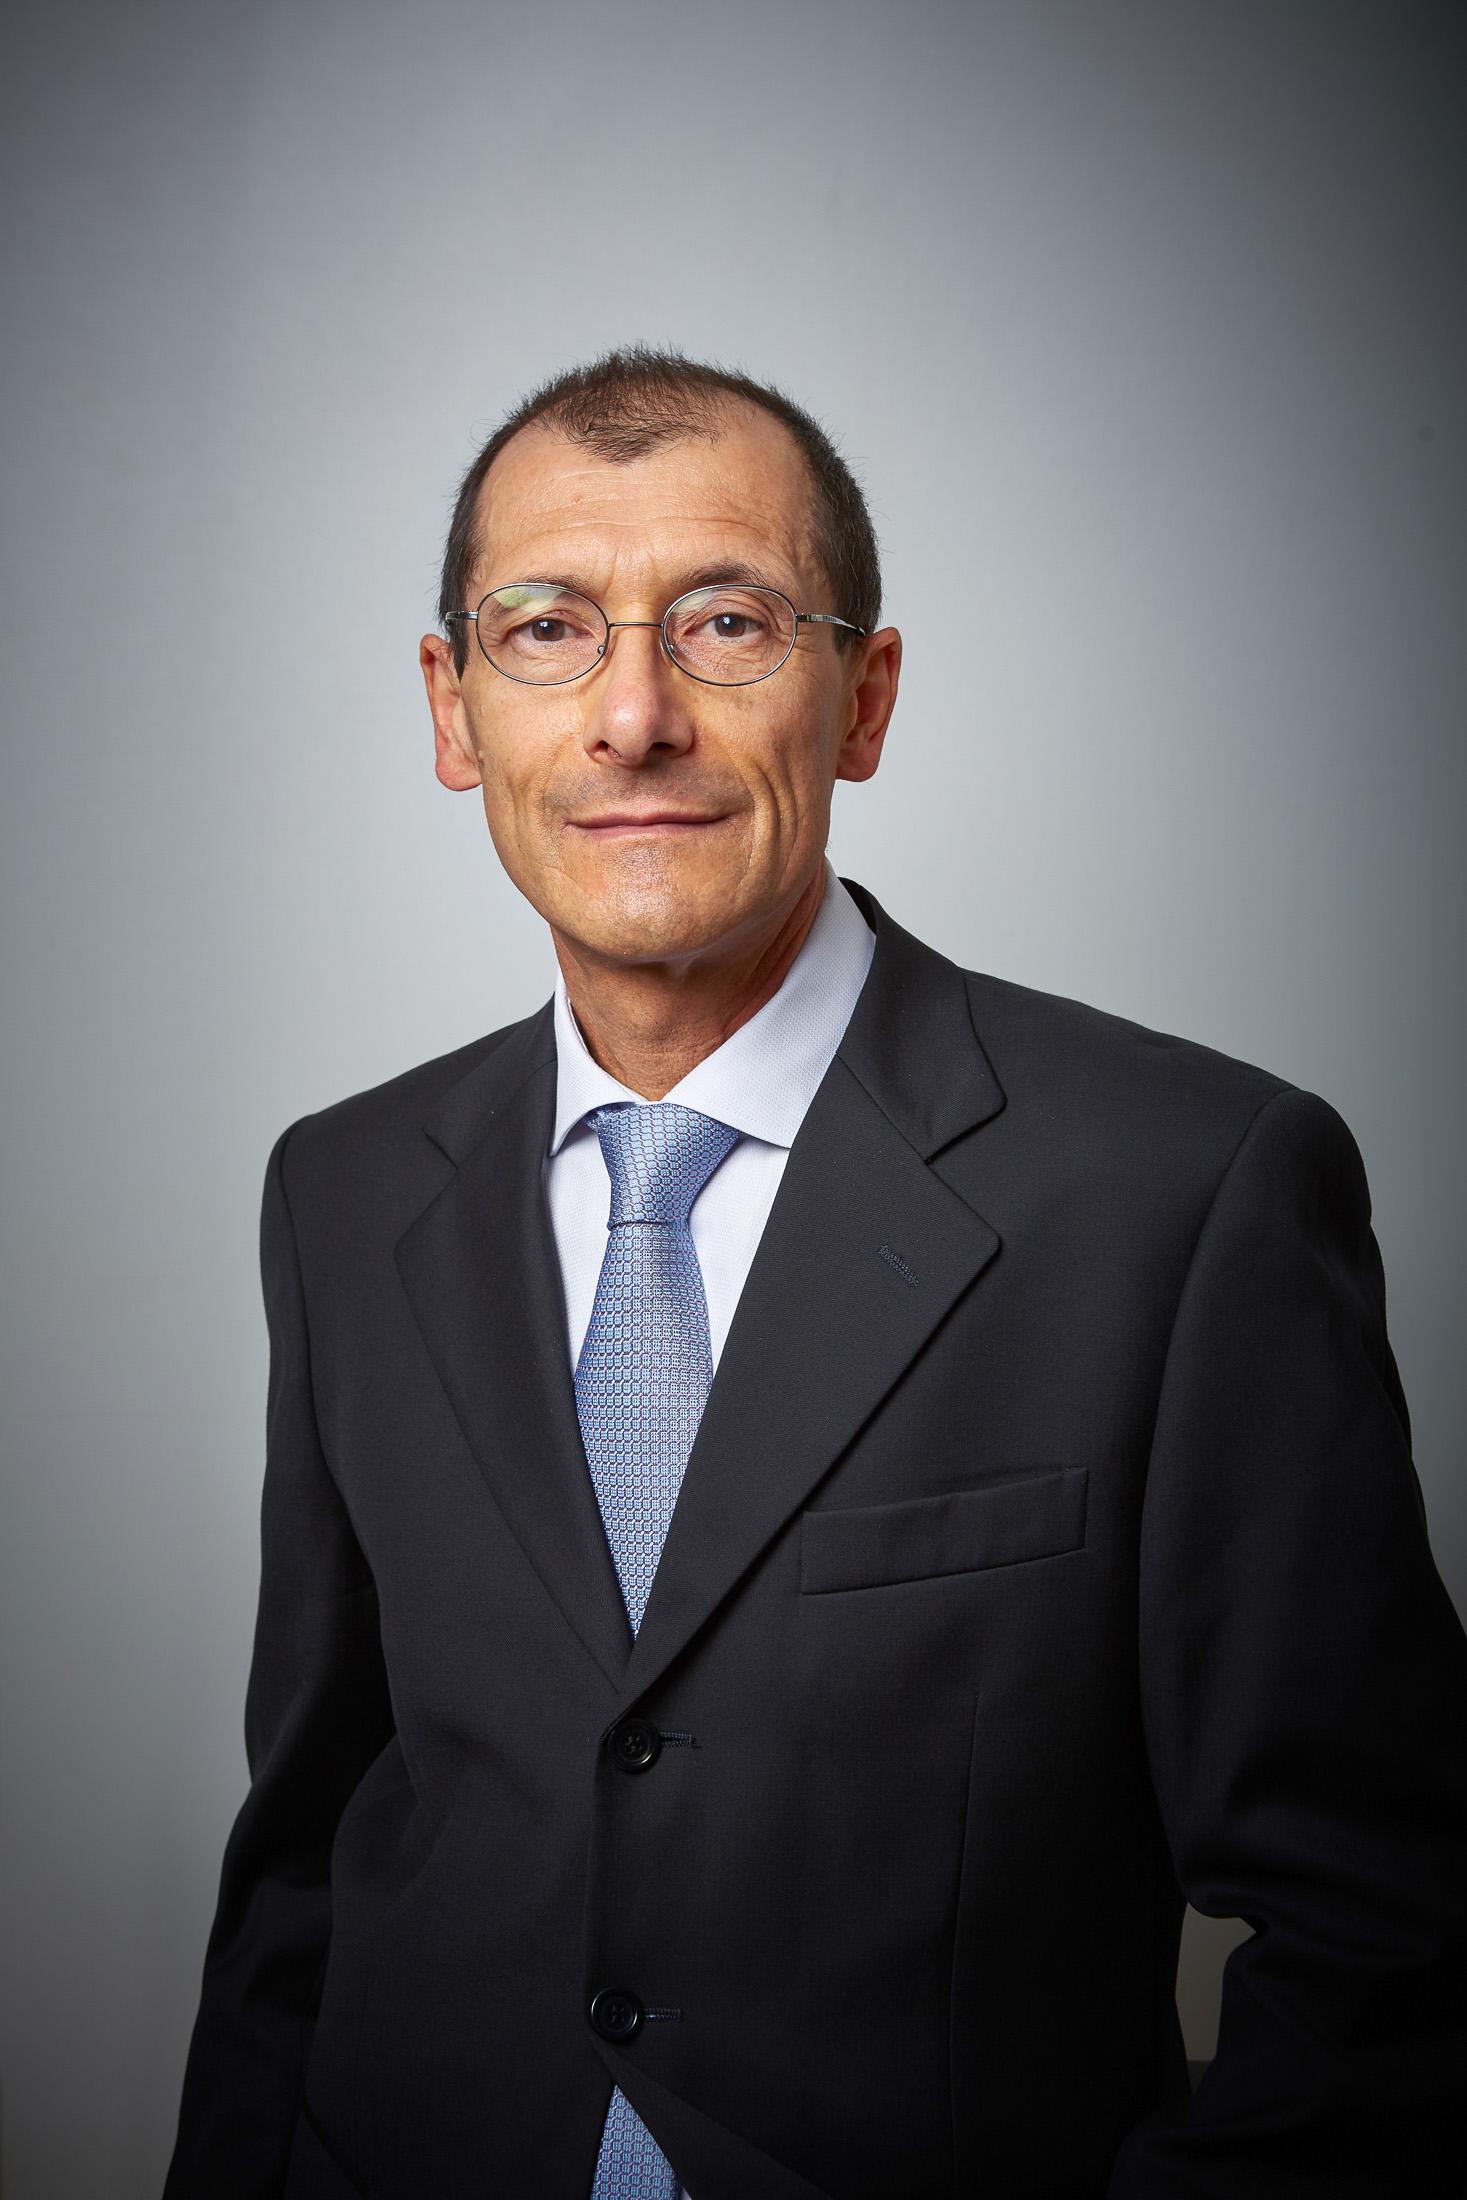 Fausto Pittarello